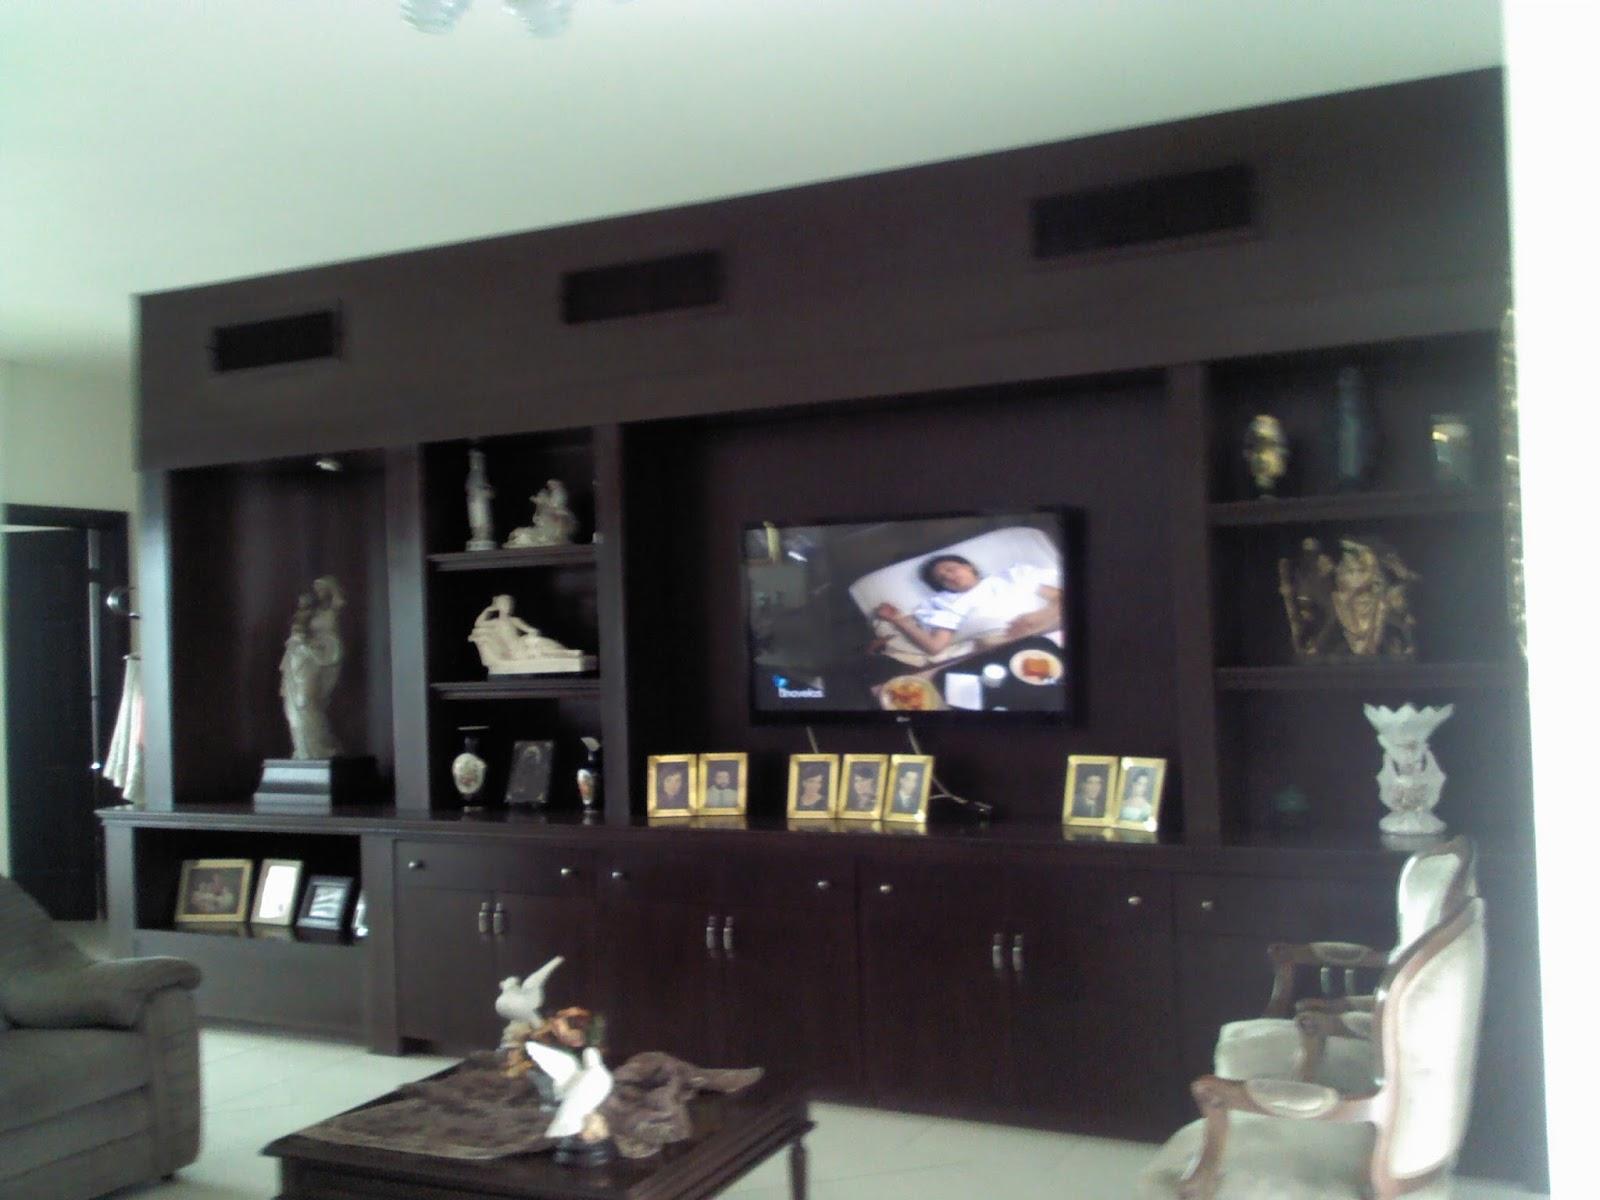 fotos de muebles de madera para tv - Muebles Sala de TV Mesas para TV Homecenter